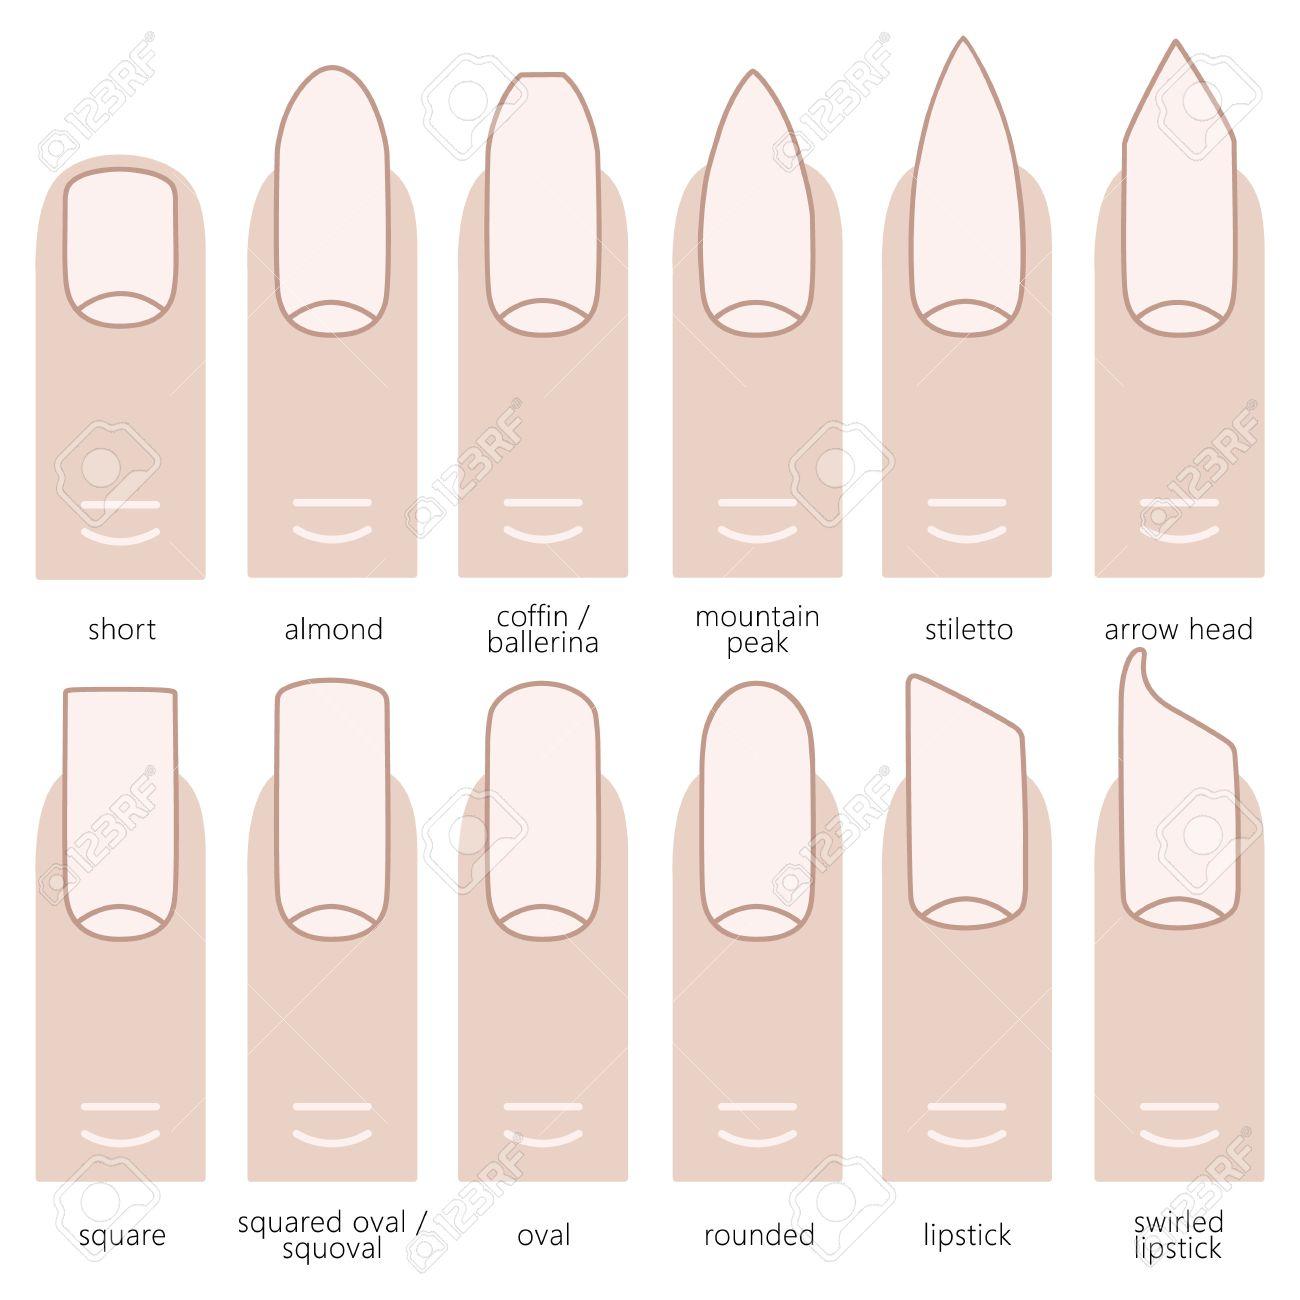 verschiedene nagelformen - fingernägel modetrends. vektor